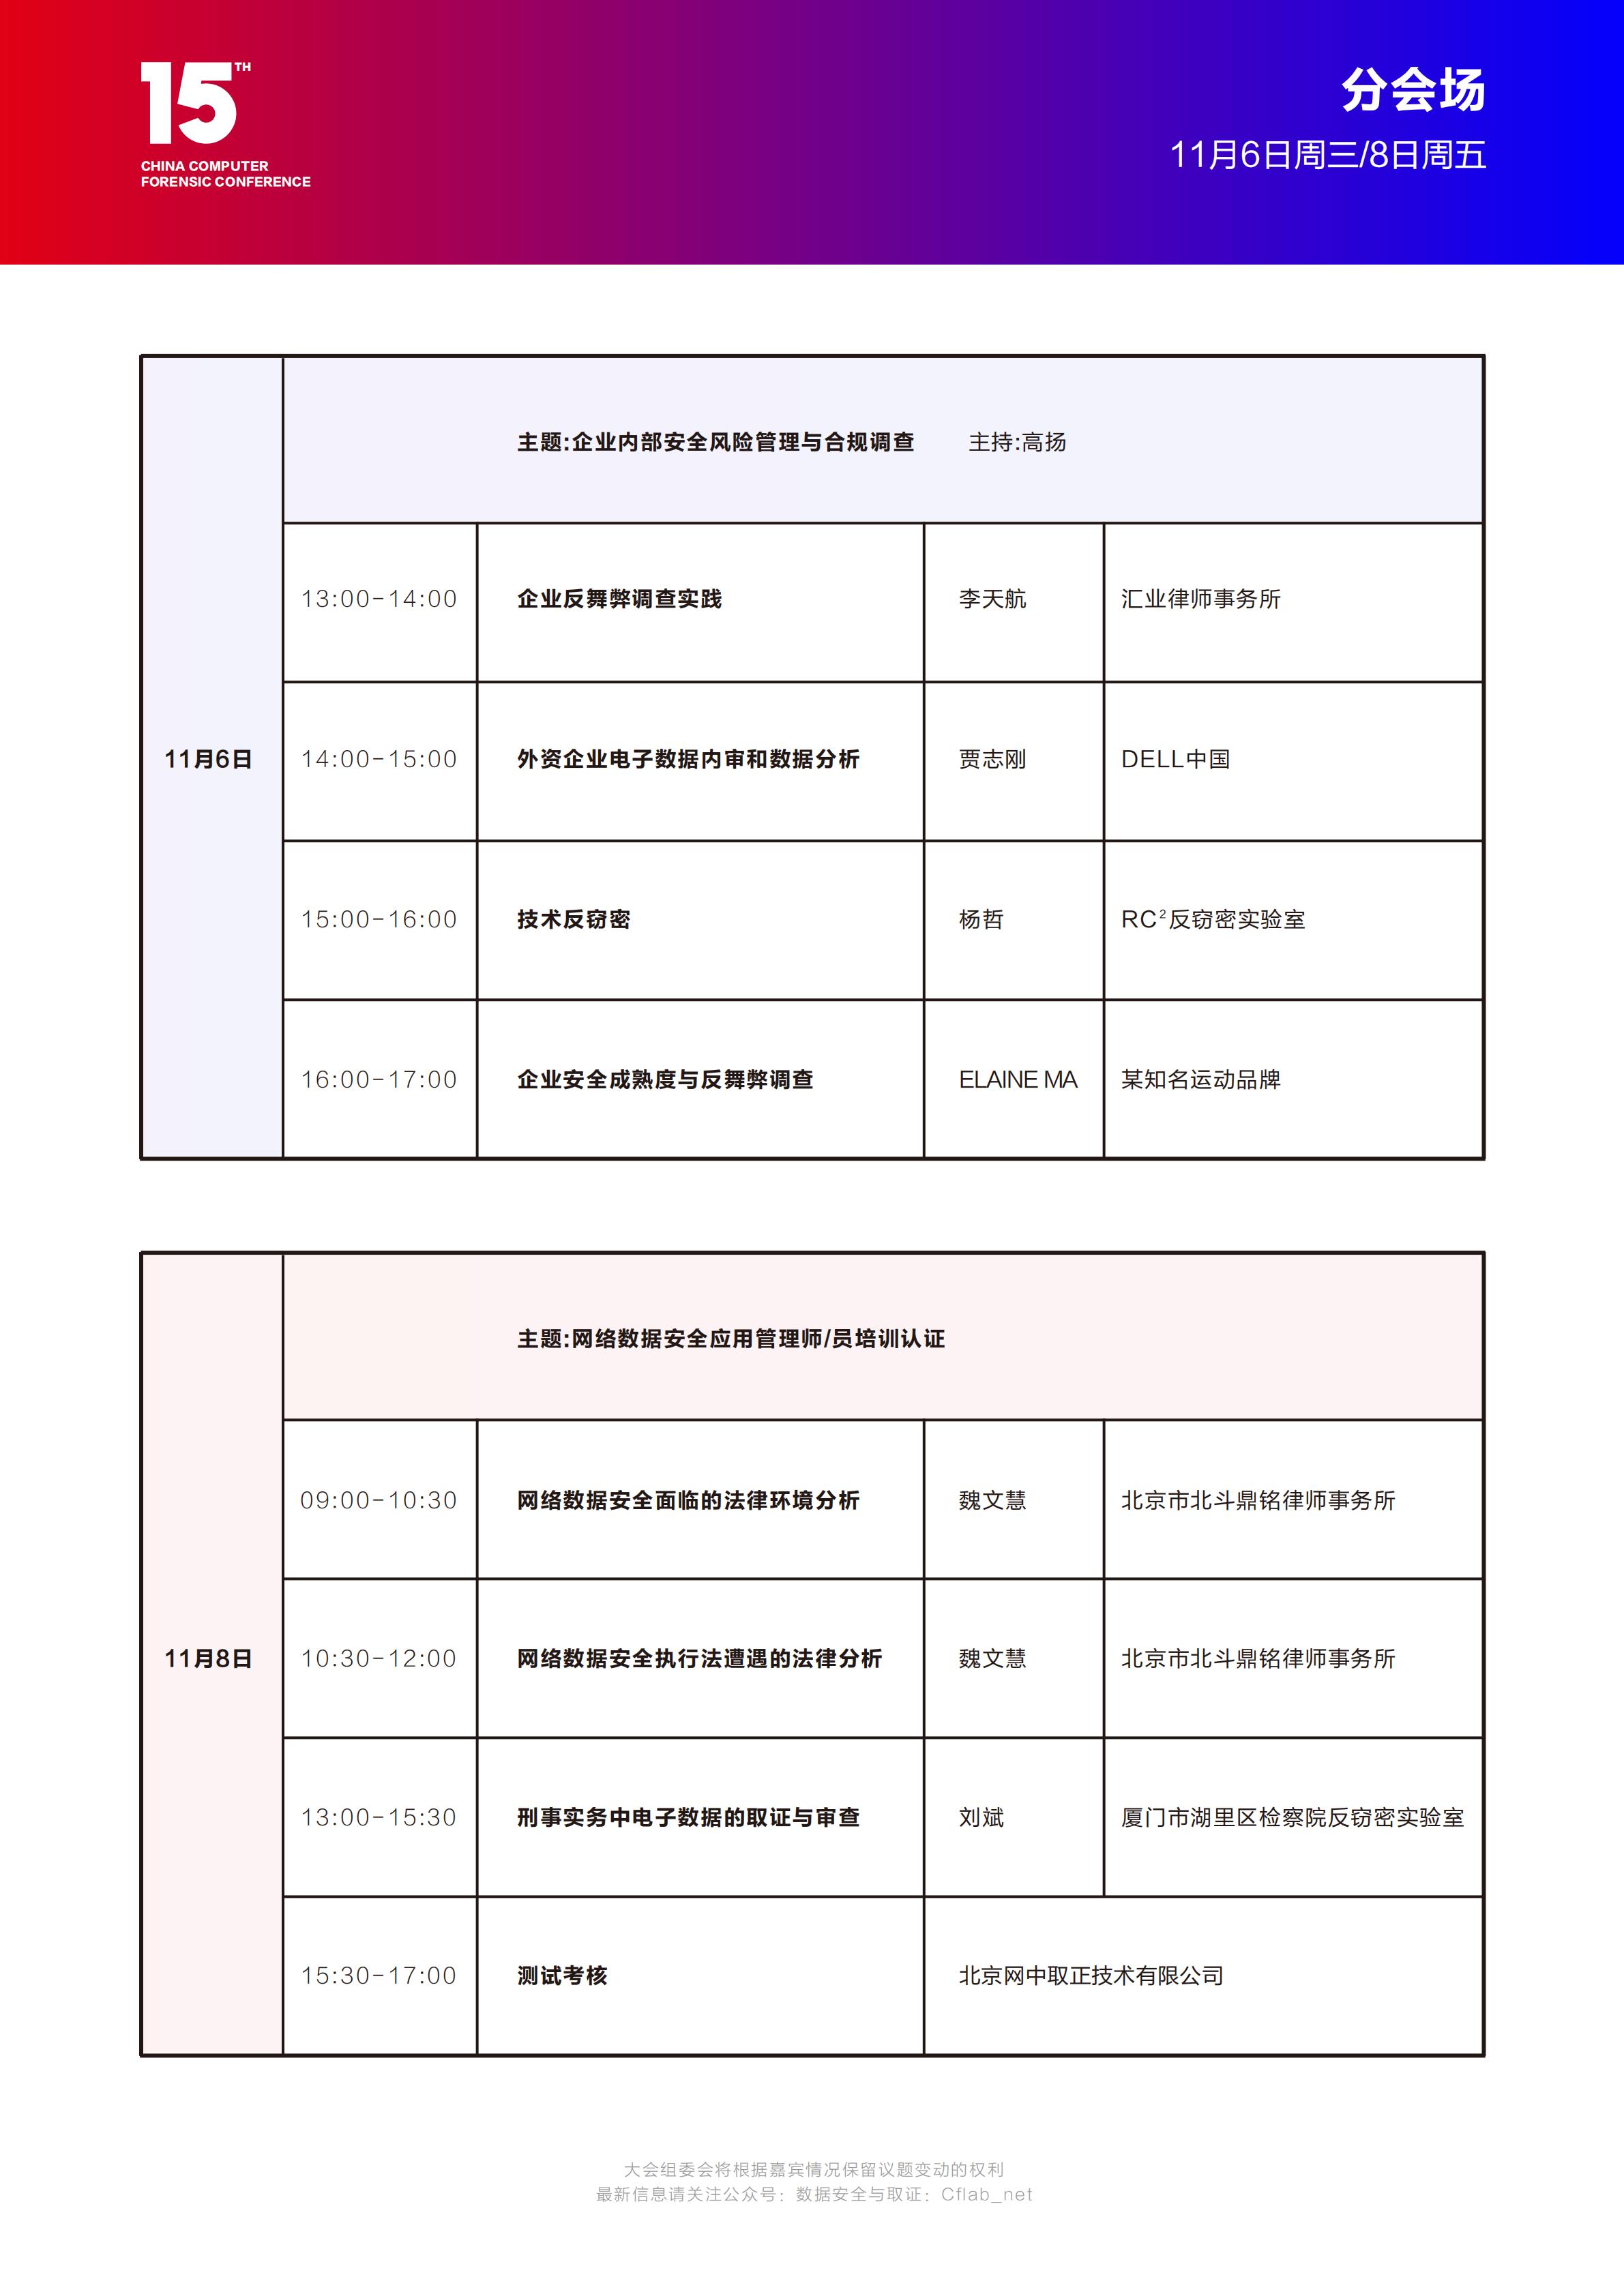 第15届CCFC计算机取证峰会邀请函-日程表最终版_03